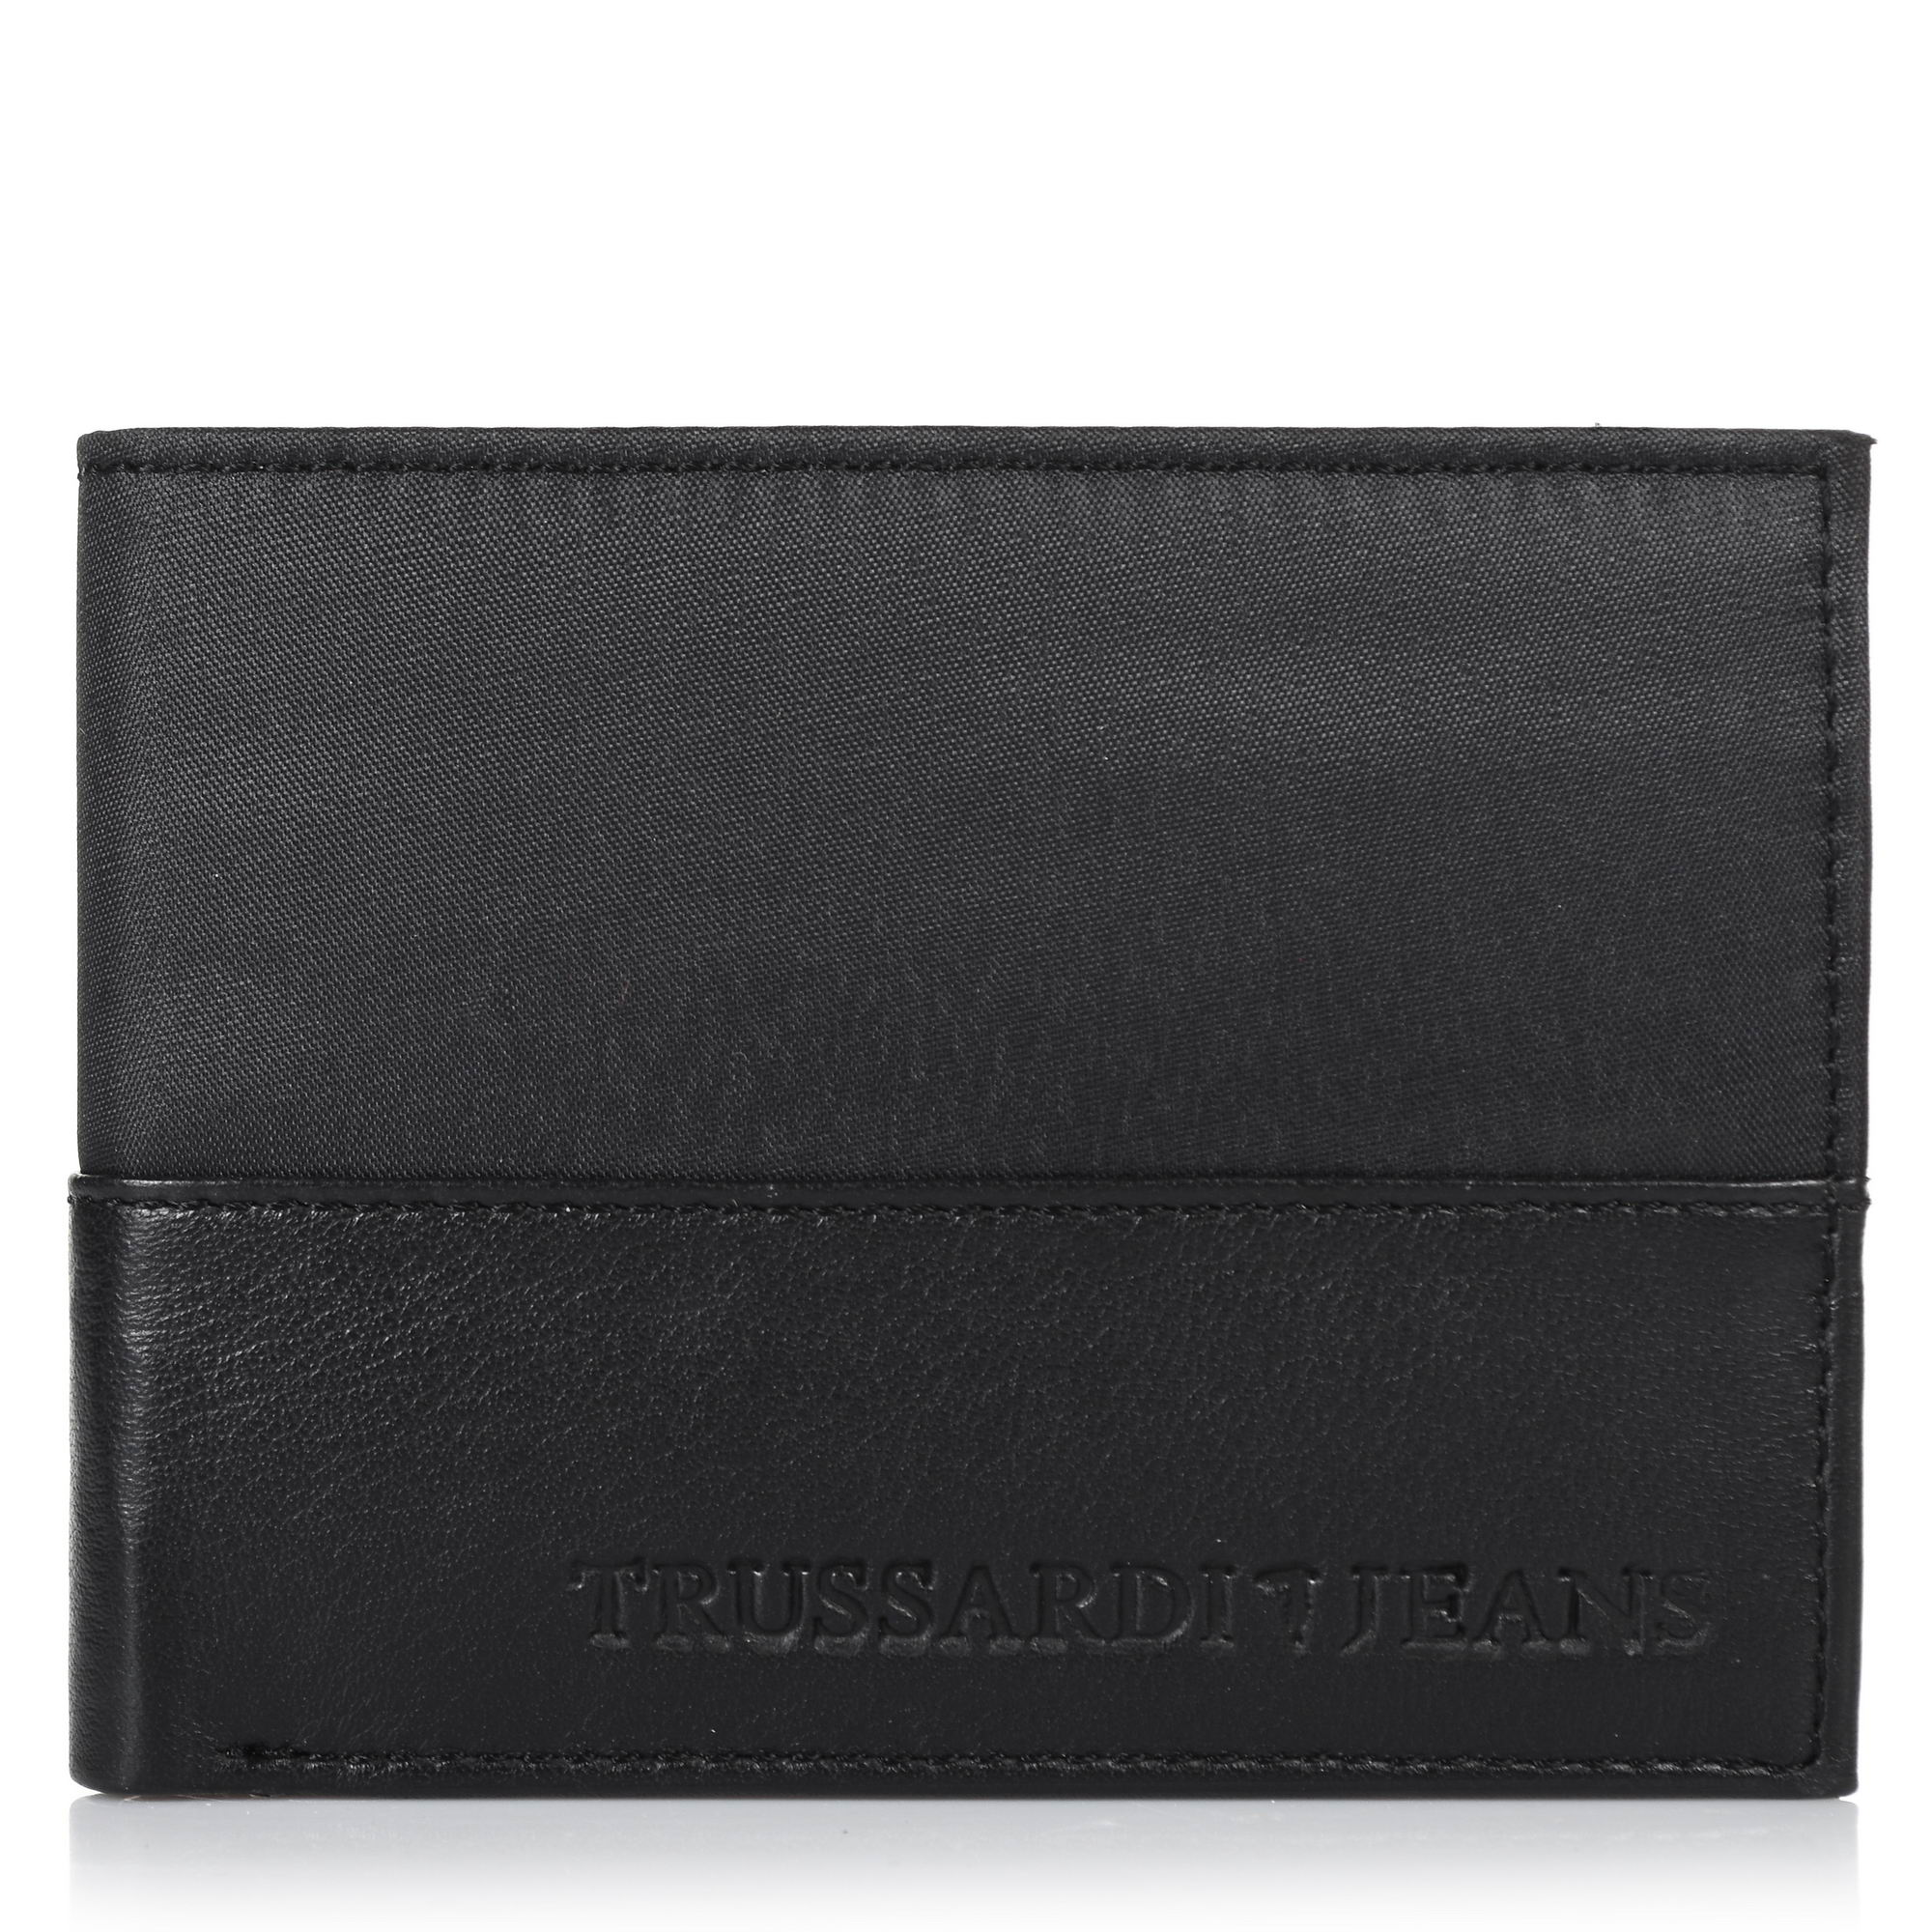 7d8b34922b Δερμάτινο Πορτοφόλι Trussardi Jeans Wallet Credit Card Coin Pocket 71W00004